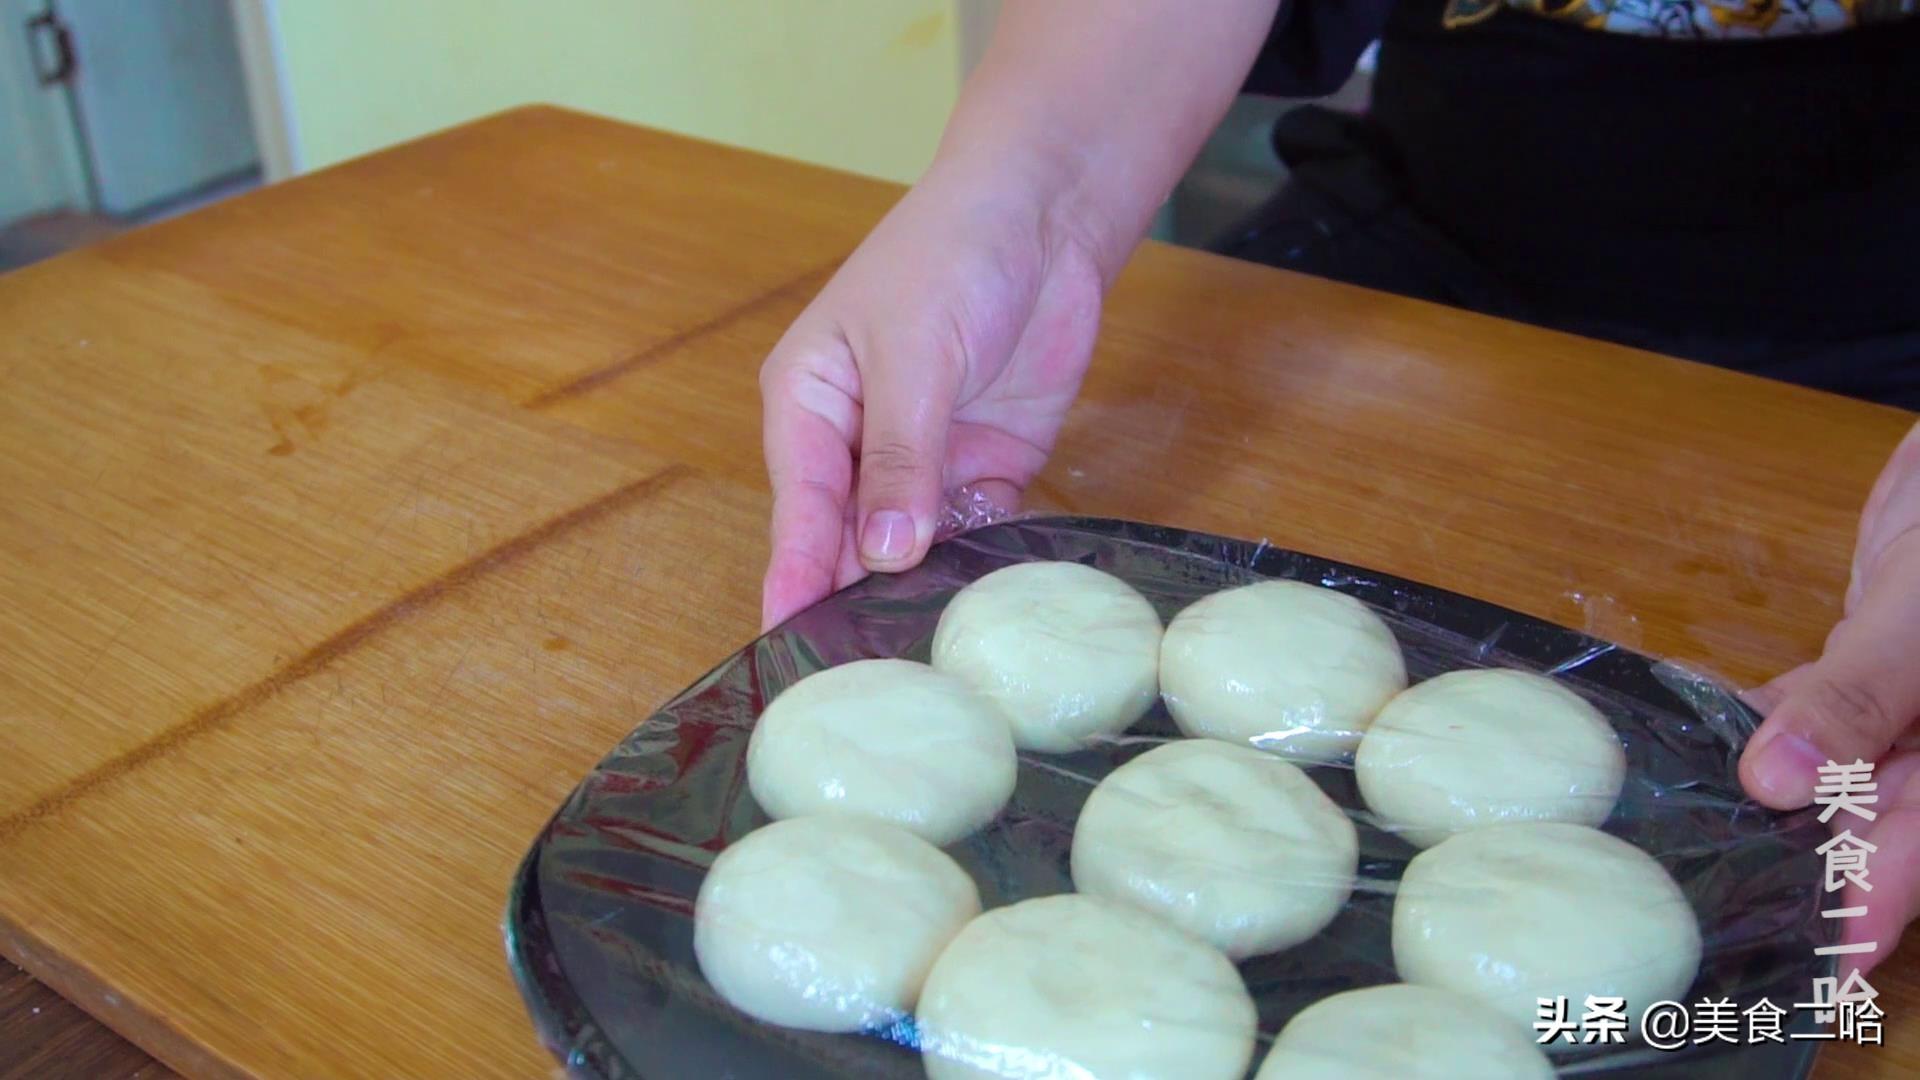 绸带鸡蛋饼:下锅10秒就能熟,滑软的就像绸缎一样,适合做早餐 美食做法 第6张